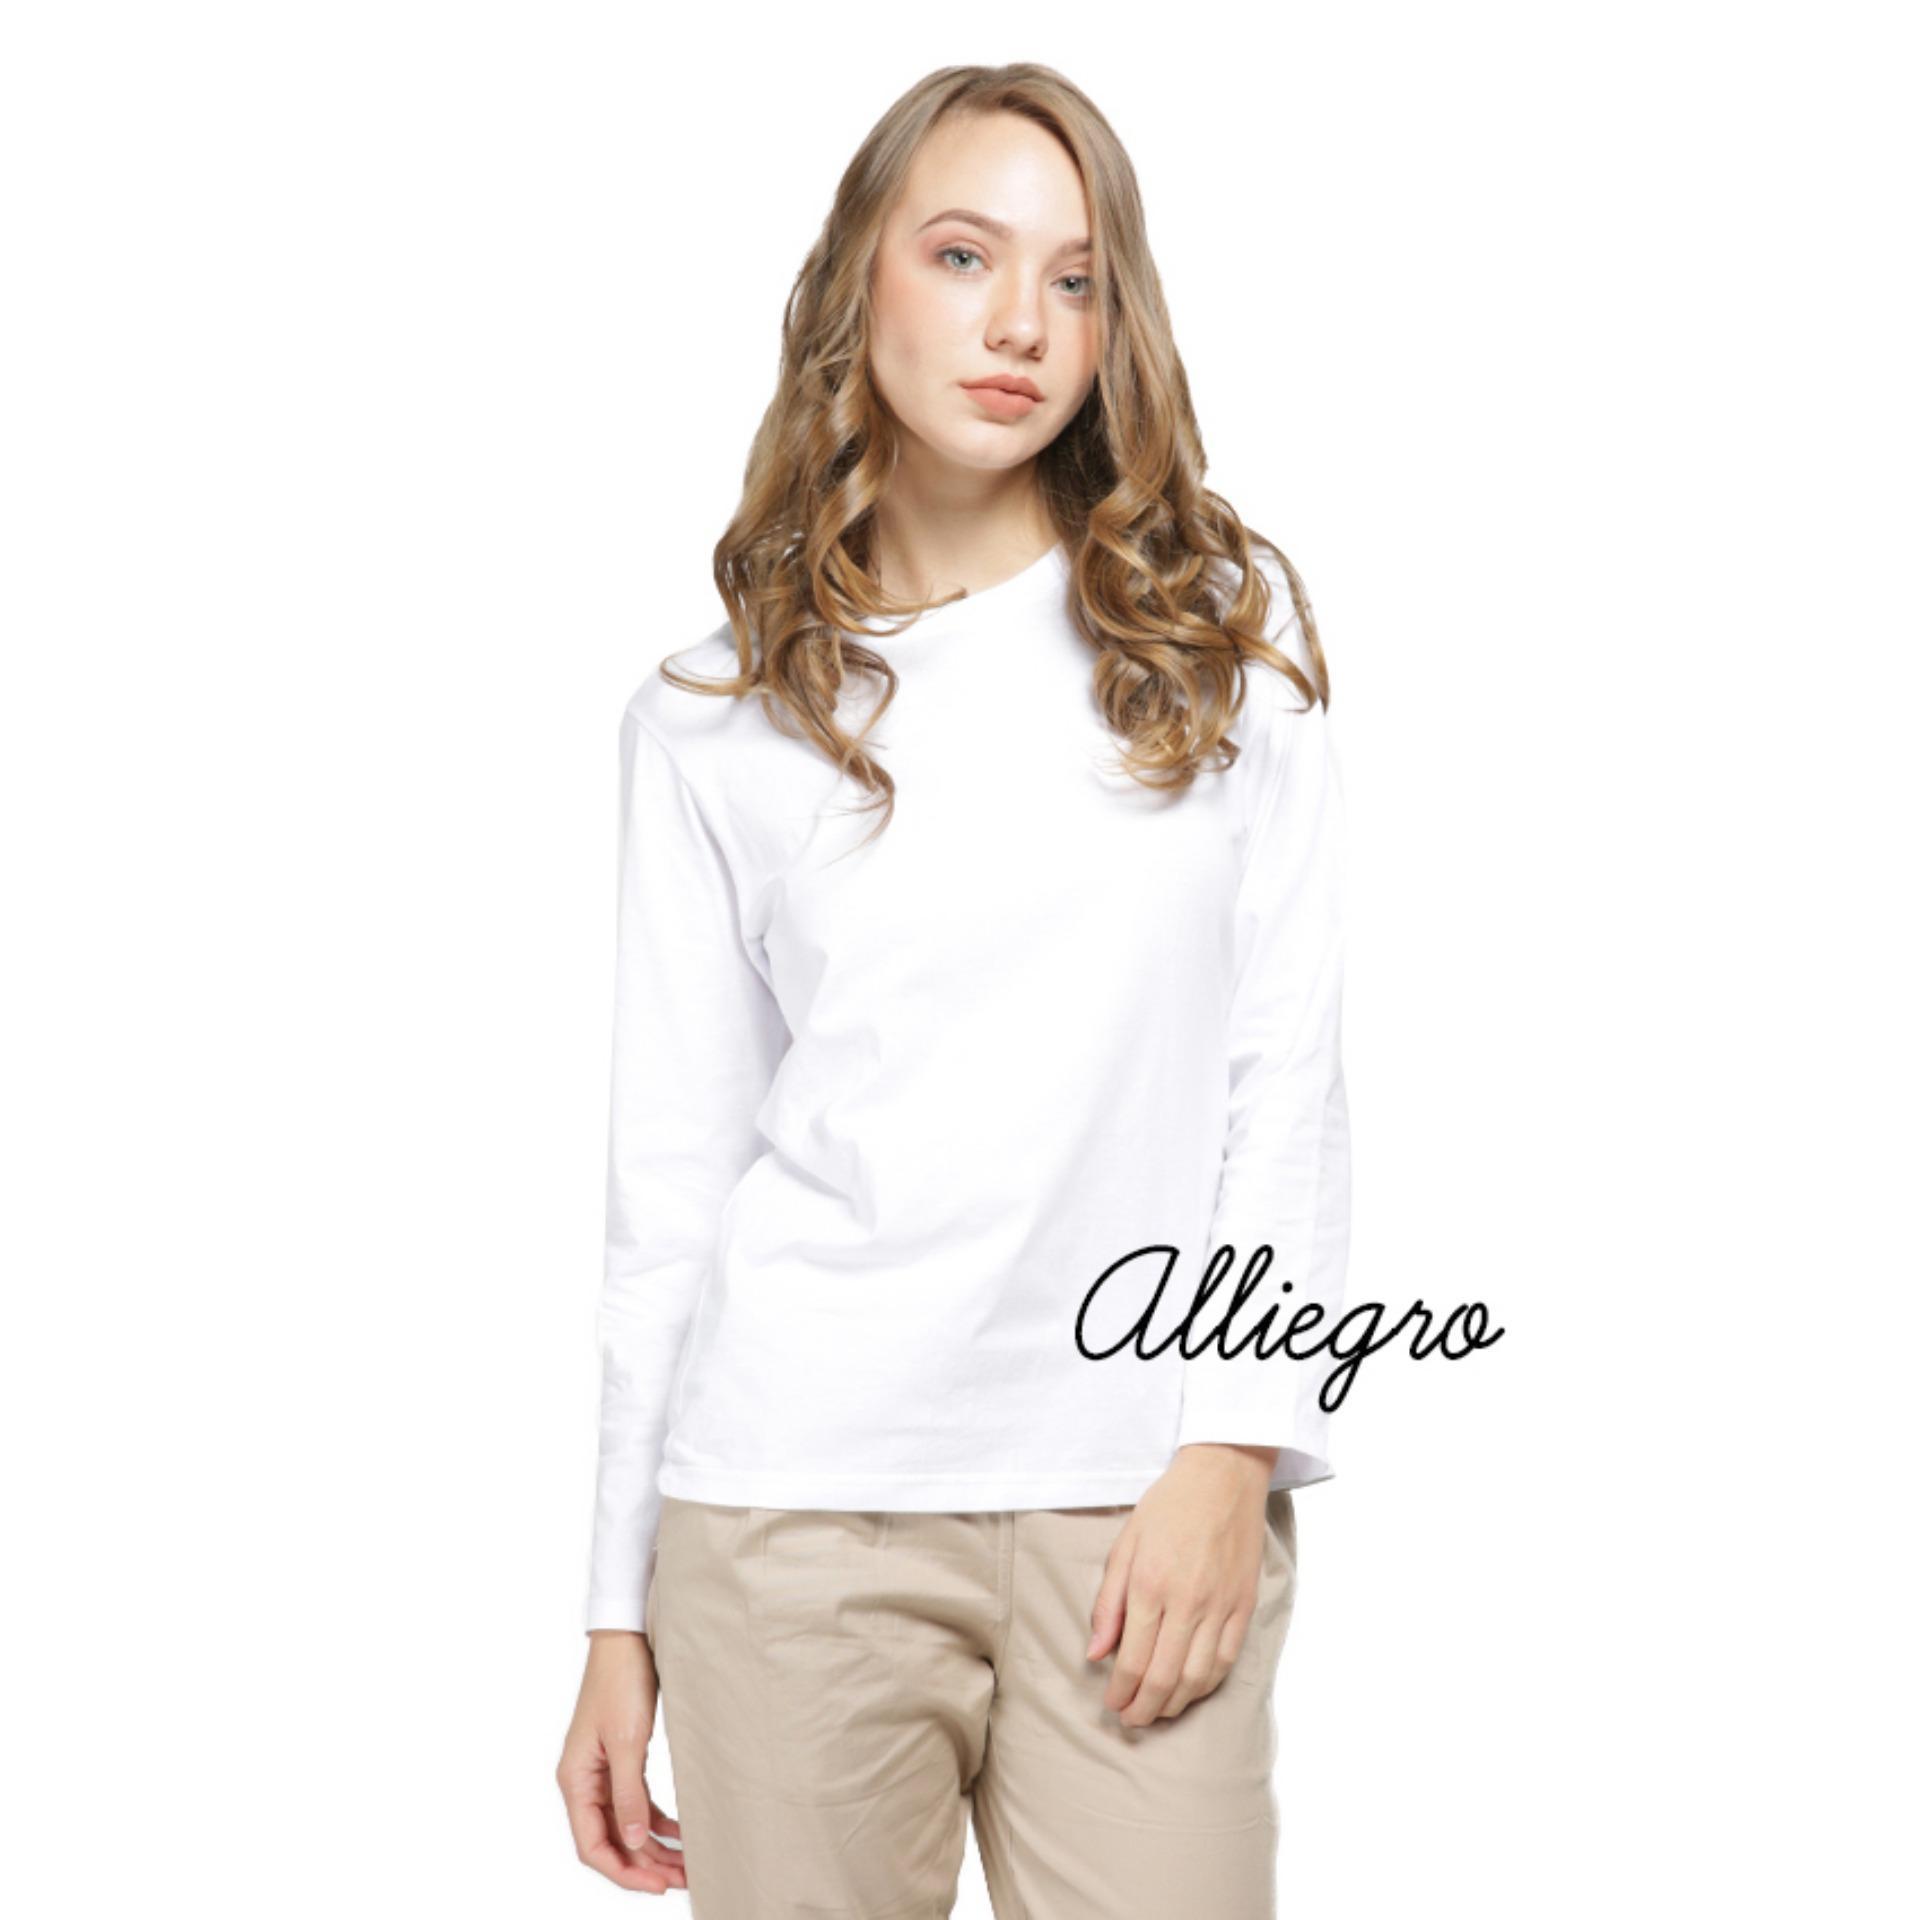 Alliegro Kaos Polos Wanita Lengan Panjang Putih - T-Shirt Kaos Distro Cewek Tumblr Tee Premium Kaos